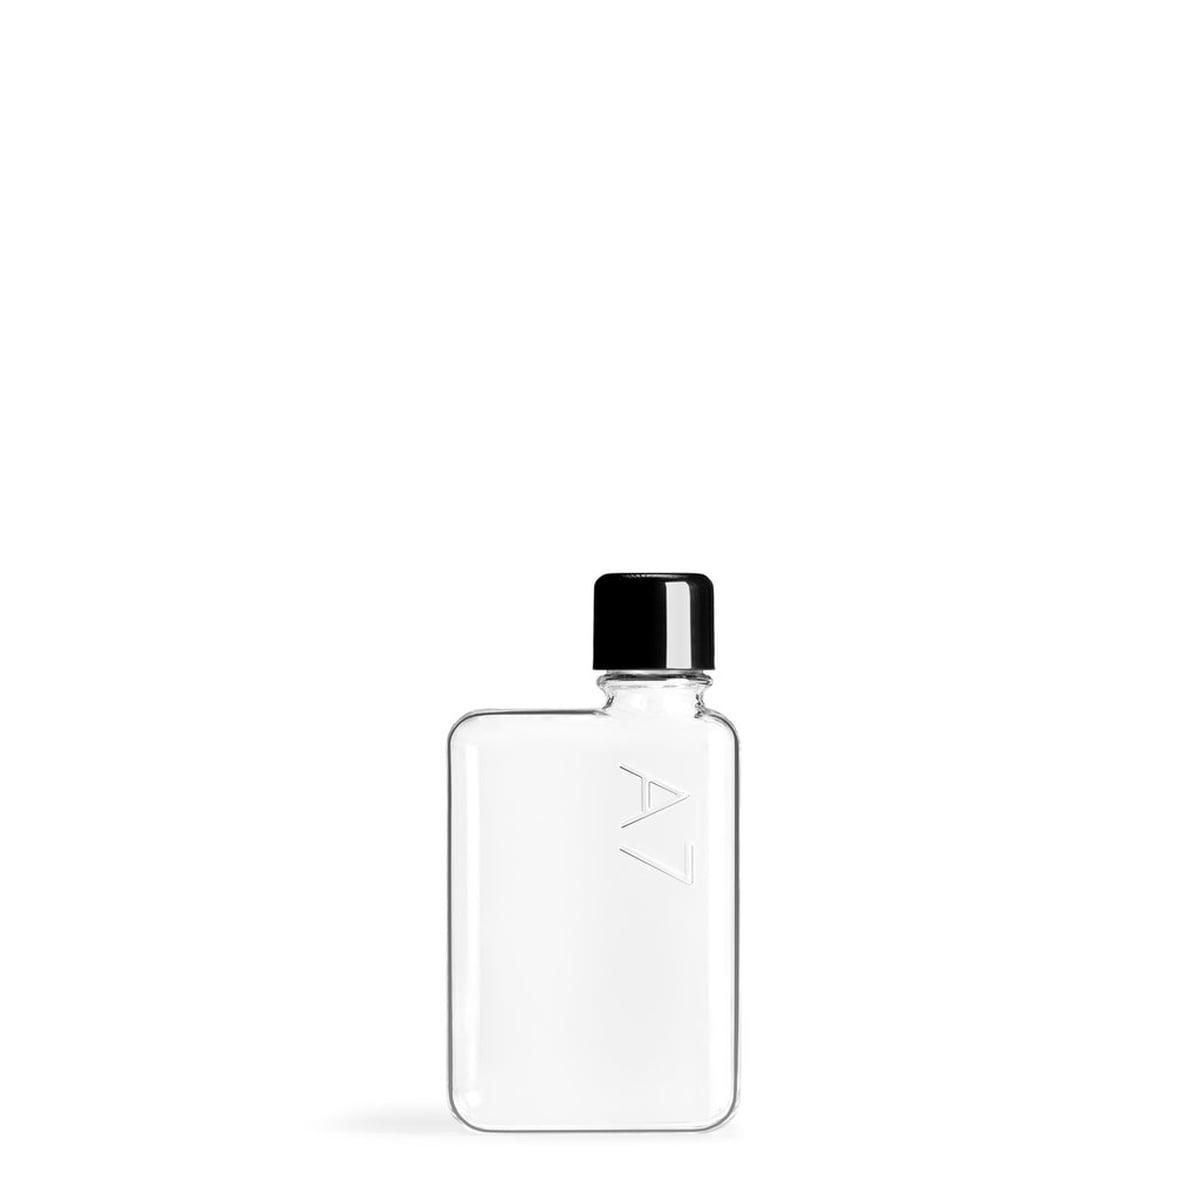 memobottle - Trinkflasche A7, 180 ml | Küche und Esszimmer > Besteck und Geschirr > Kannen und Wasserkessel | Transparent -  durchsichtig | Bpa-freier kunststoff | memobottle